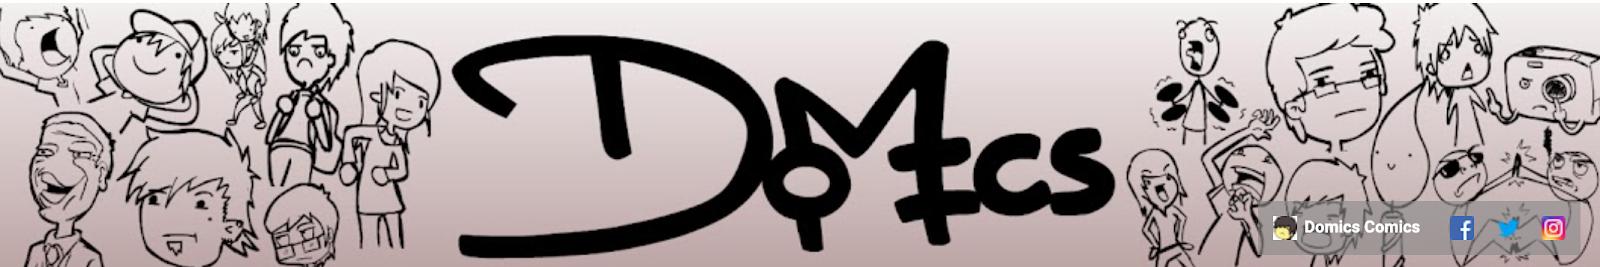 Domics